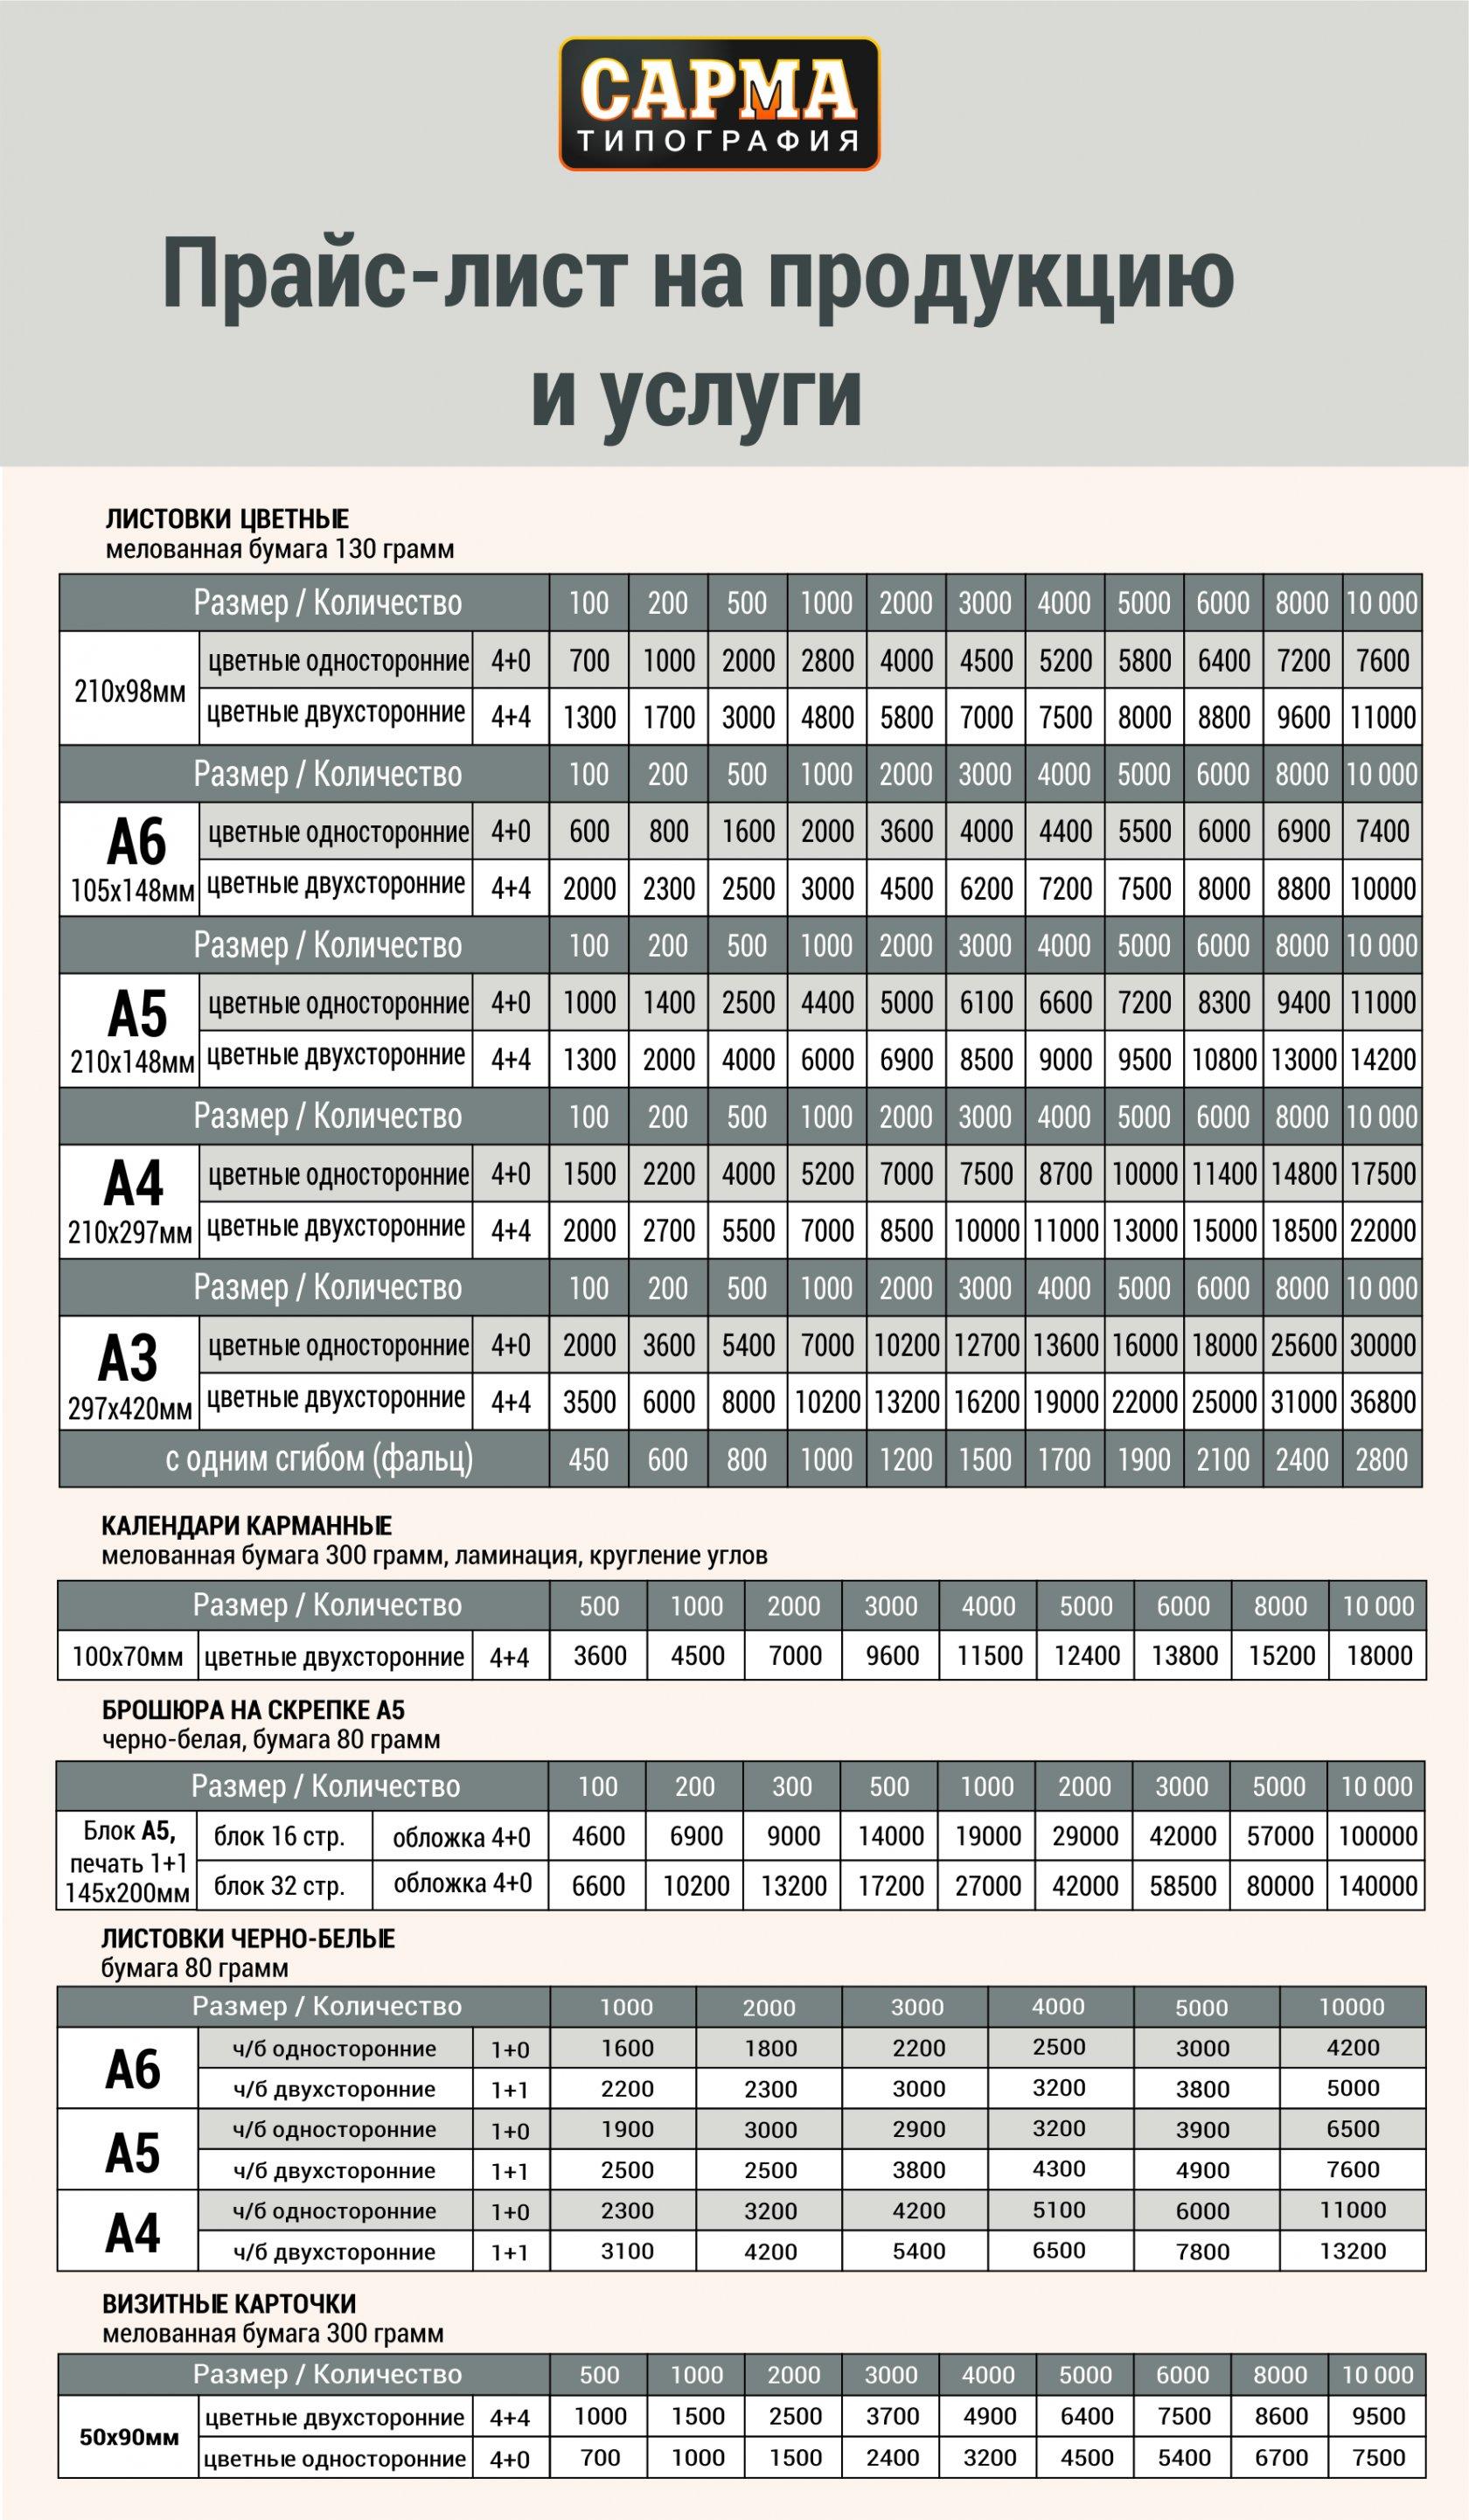 Цены на печать визиток, календарей, брошюр, листовок в Москве. Дешевая печать и типография в Москве.